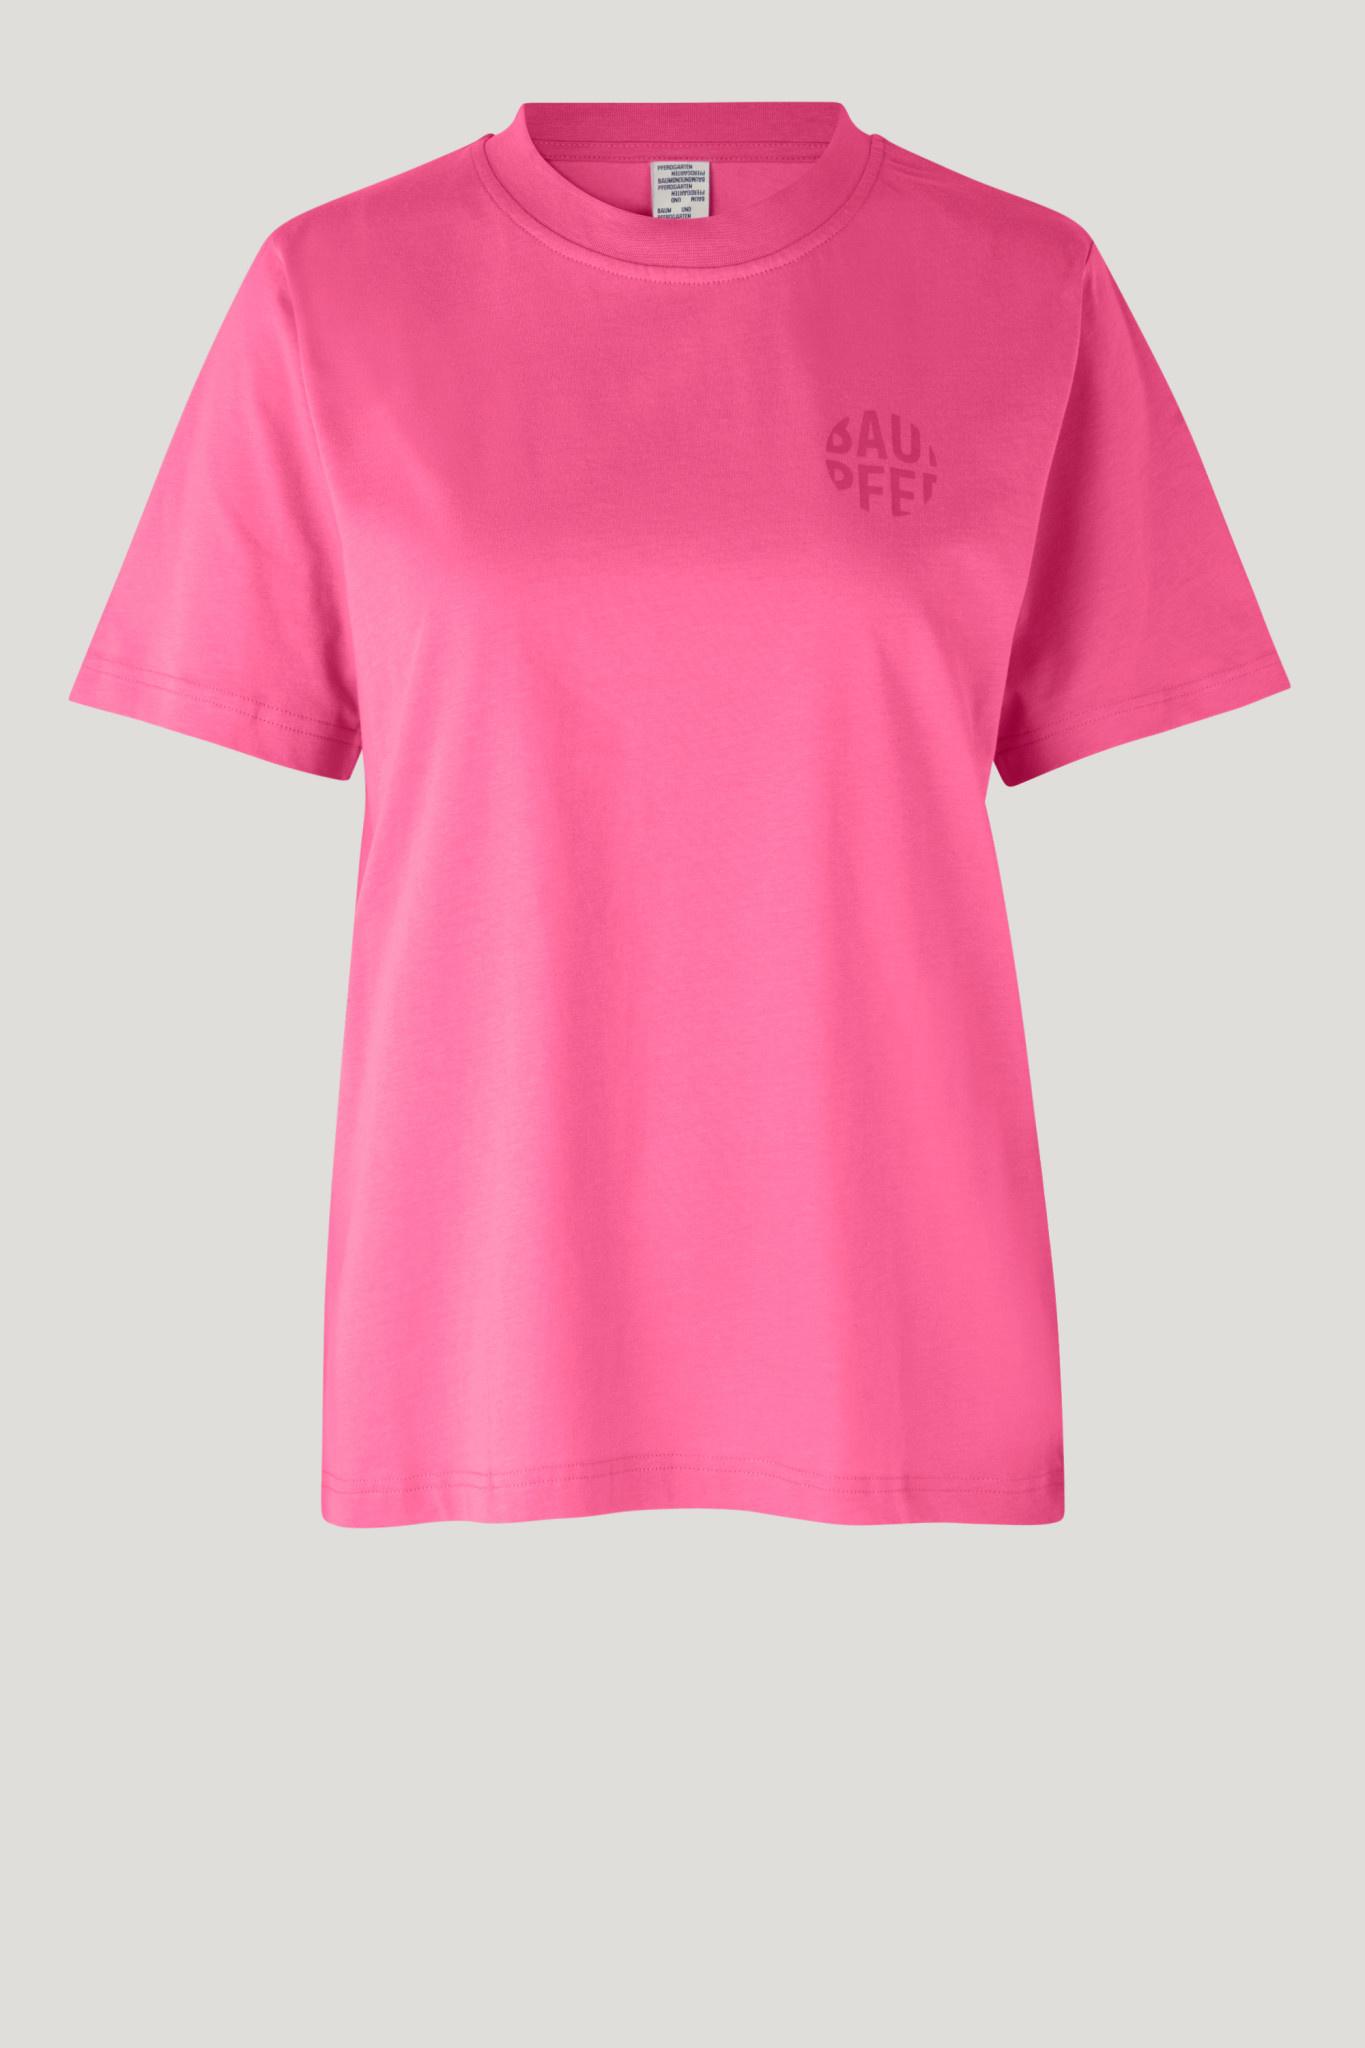 Jalo tee pink-1